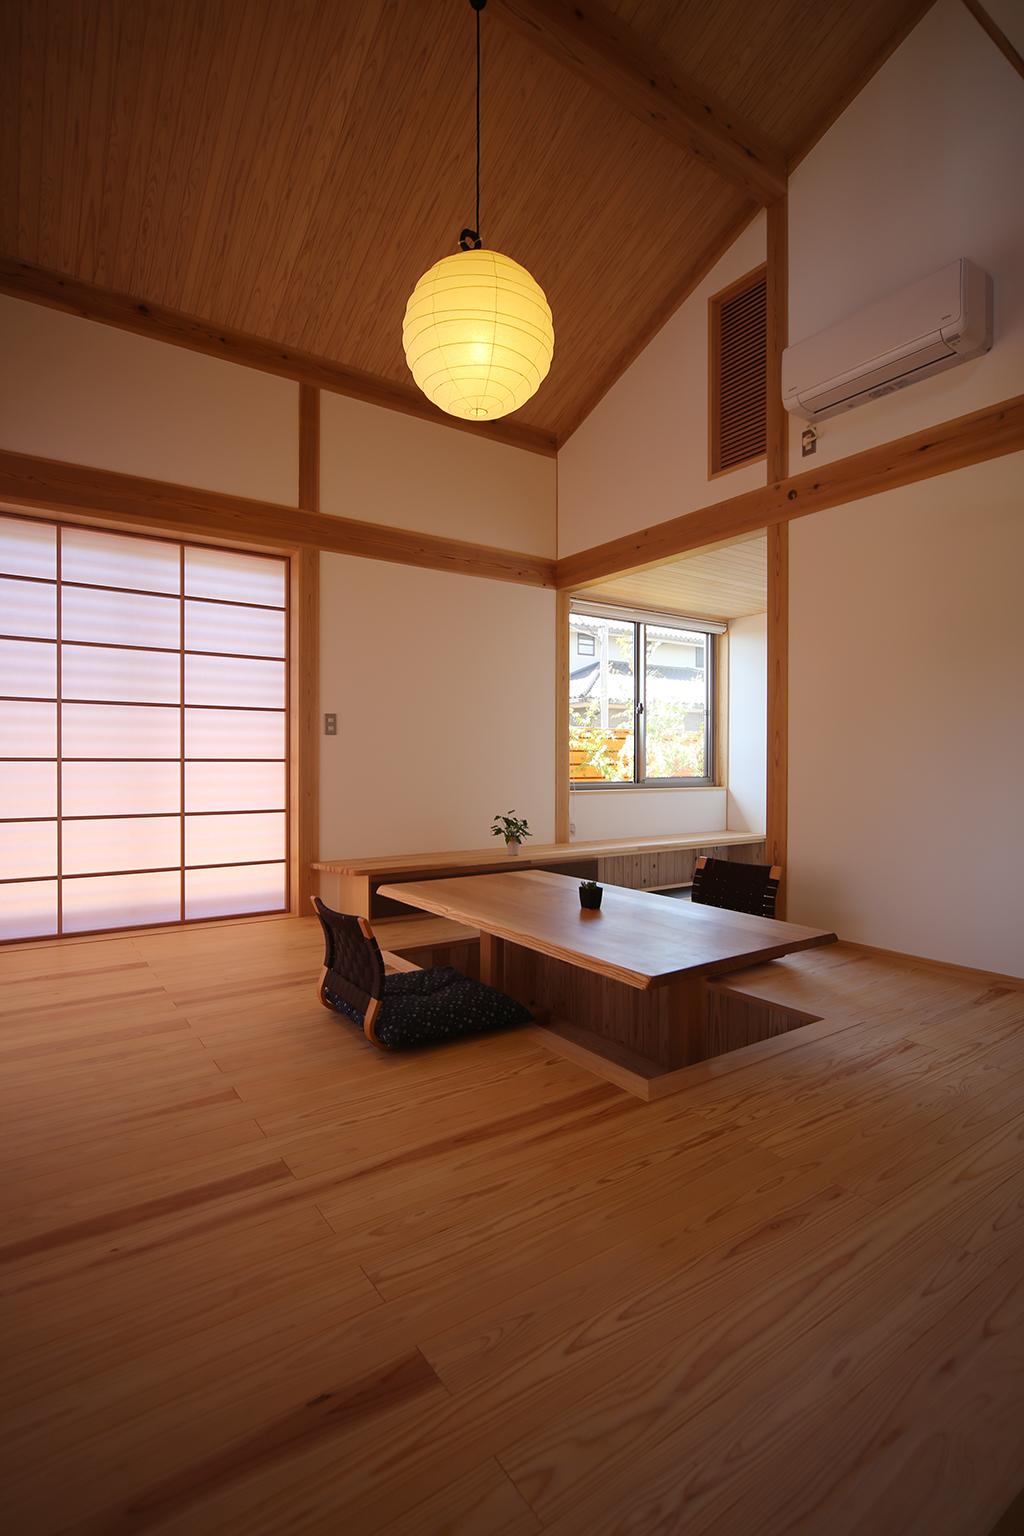 姫路市の木の家 掘りごたつのあるリビング